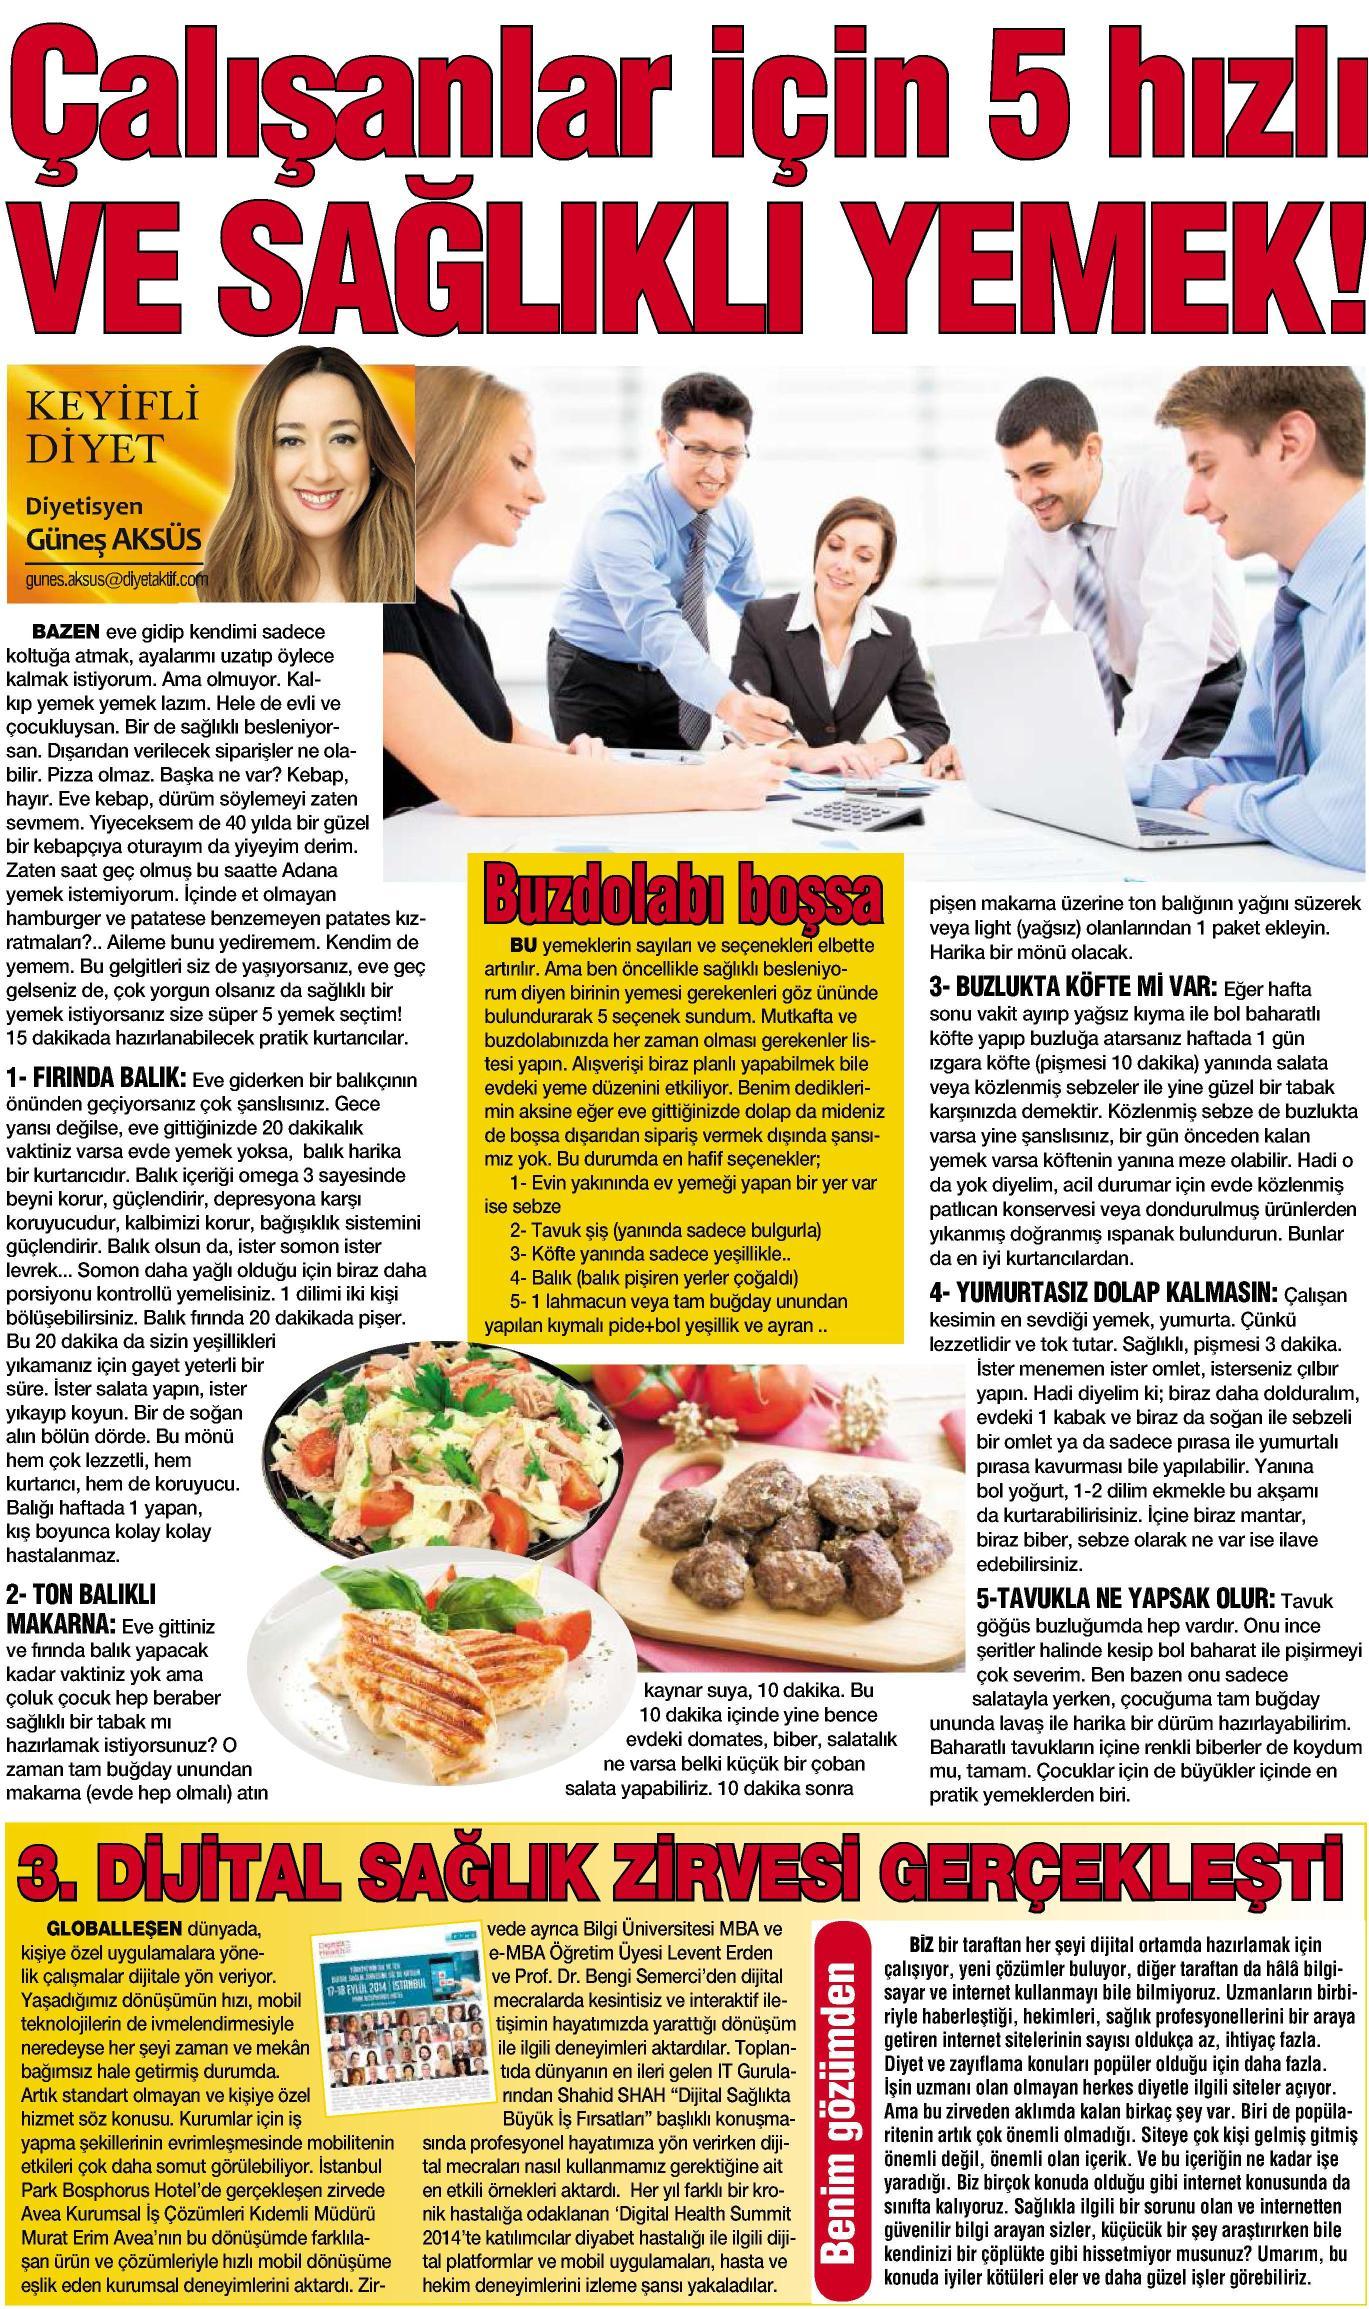 3. Dijital Sağlık Zirvesi gerçekleşti. - HABERTÜRK MAGAZİN 22.9.2014